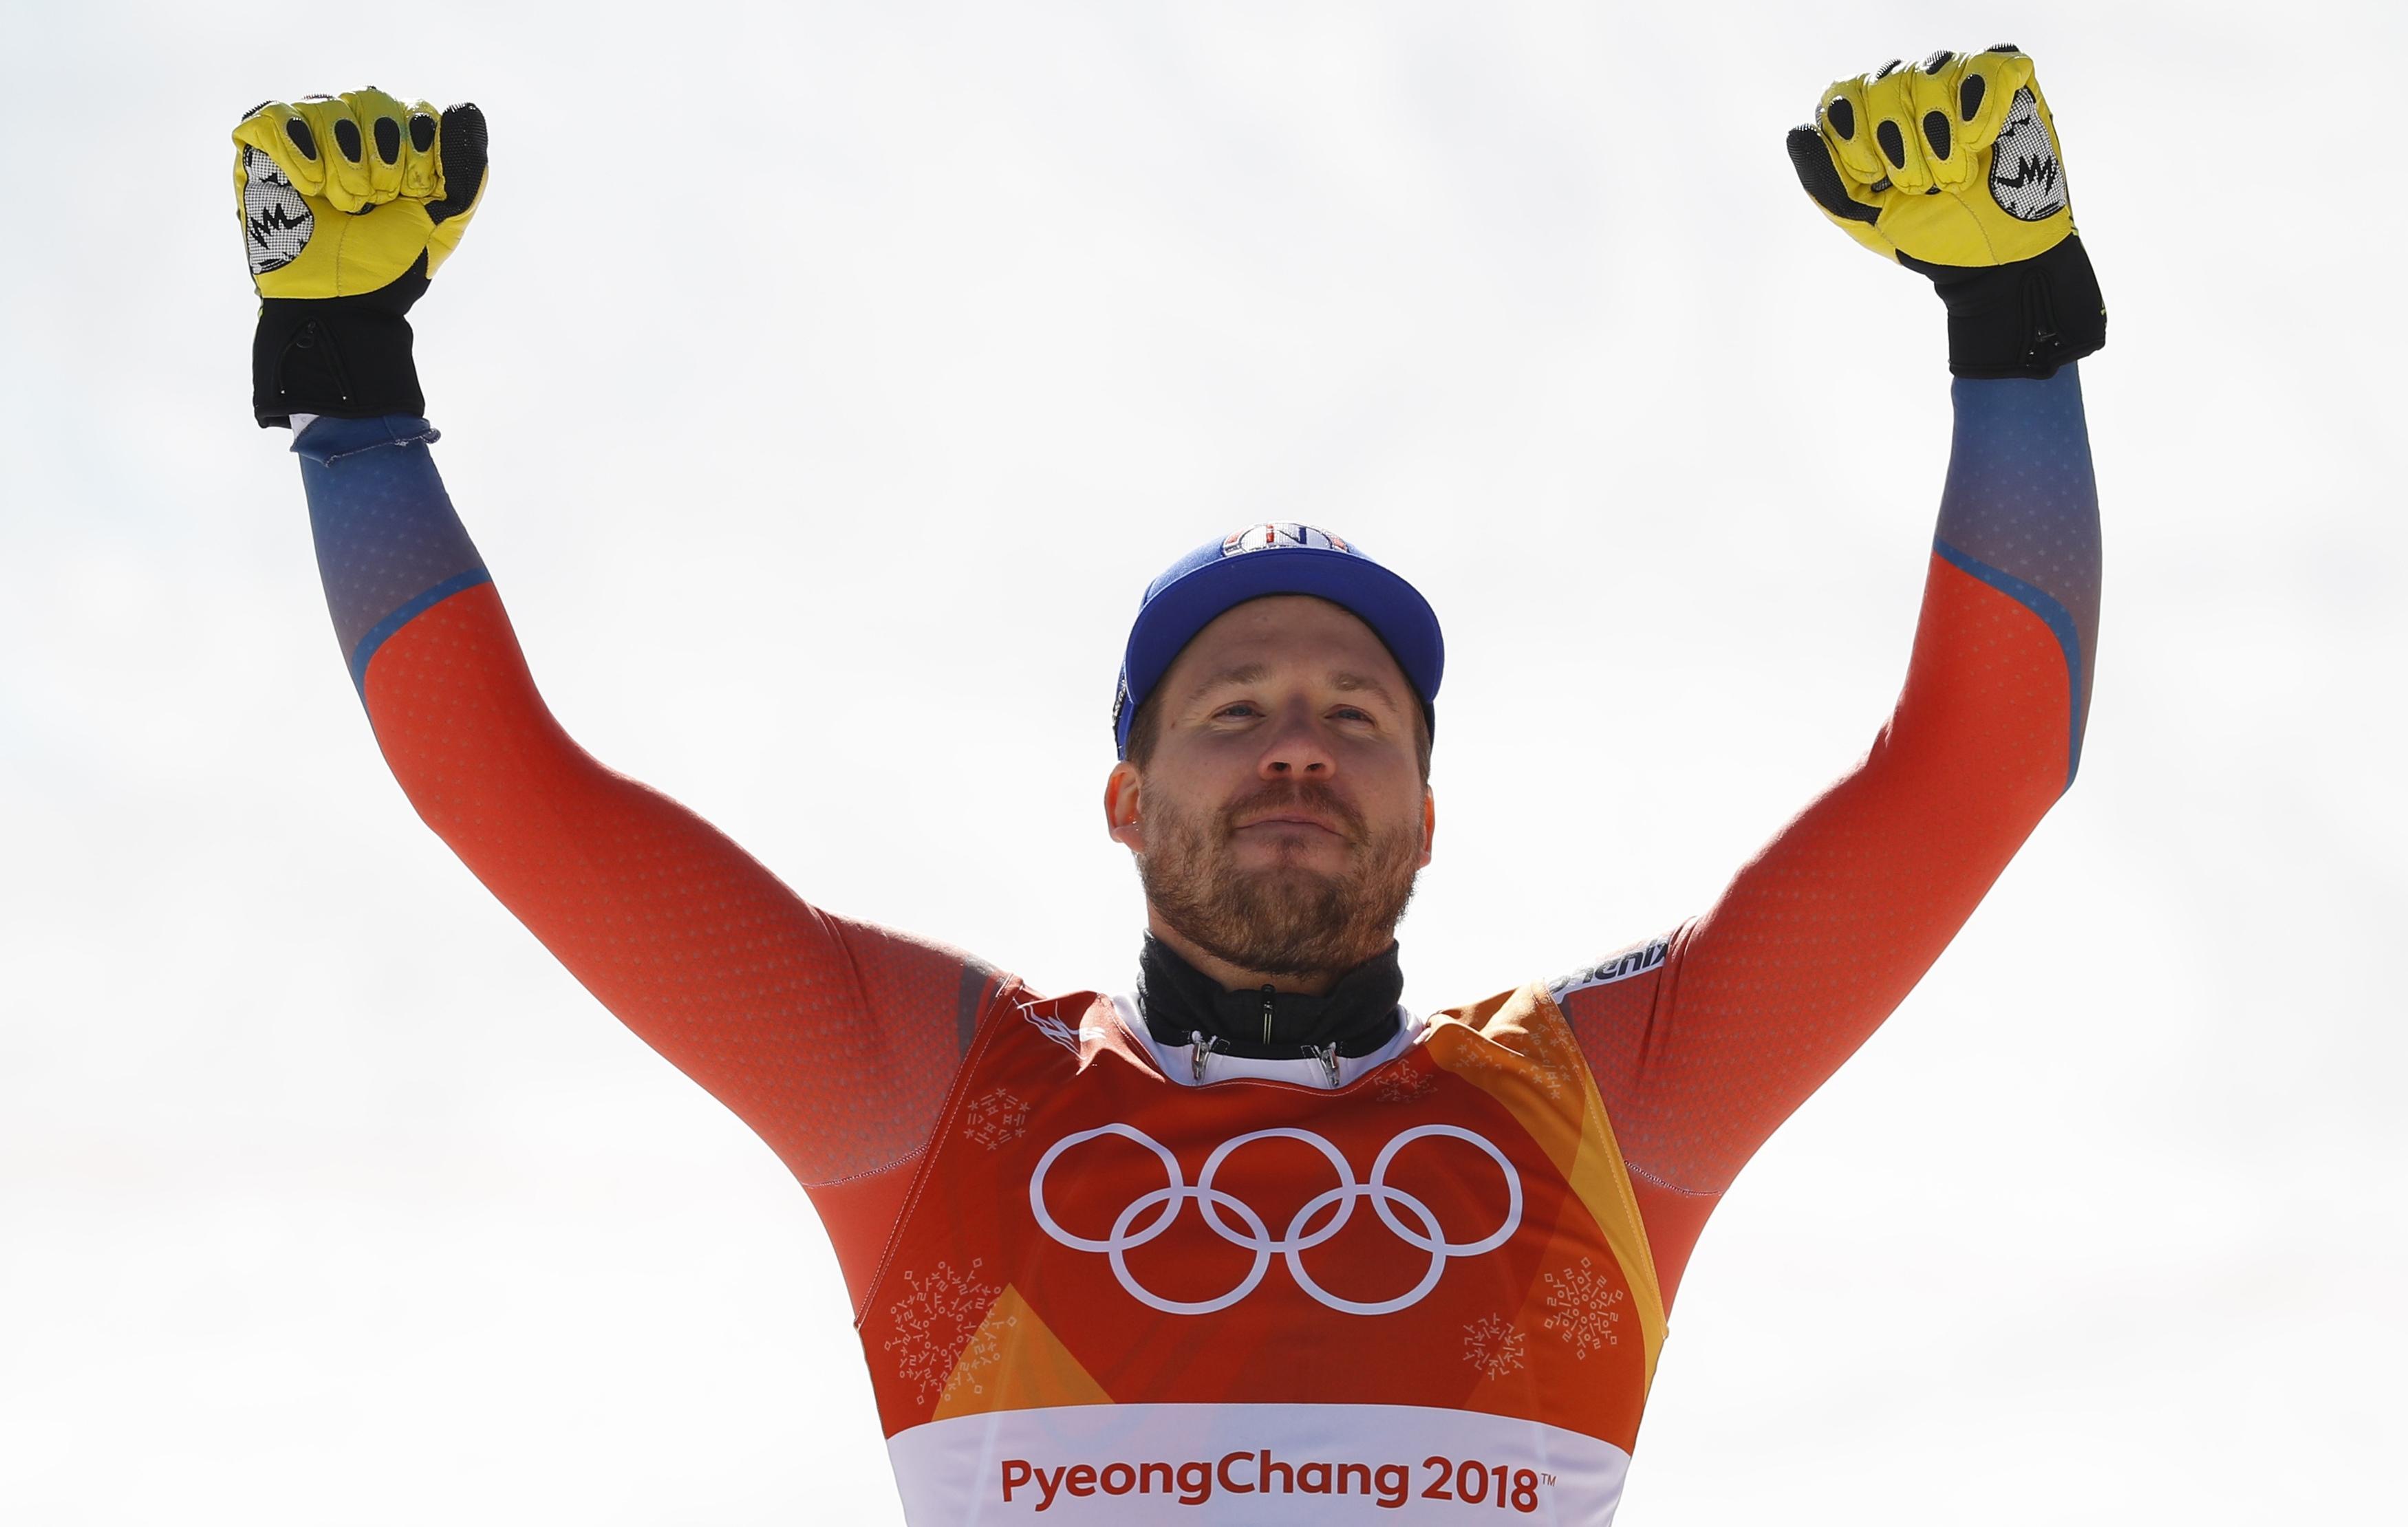 Jeux olympiques - Pyeongchang 2018 - JO 2018 : Svindal, la descente couronne un roi de la vitesse